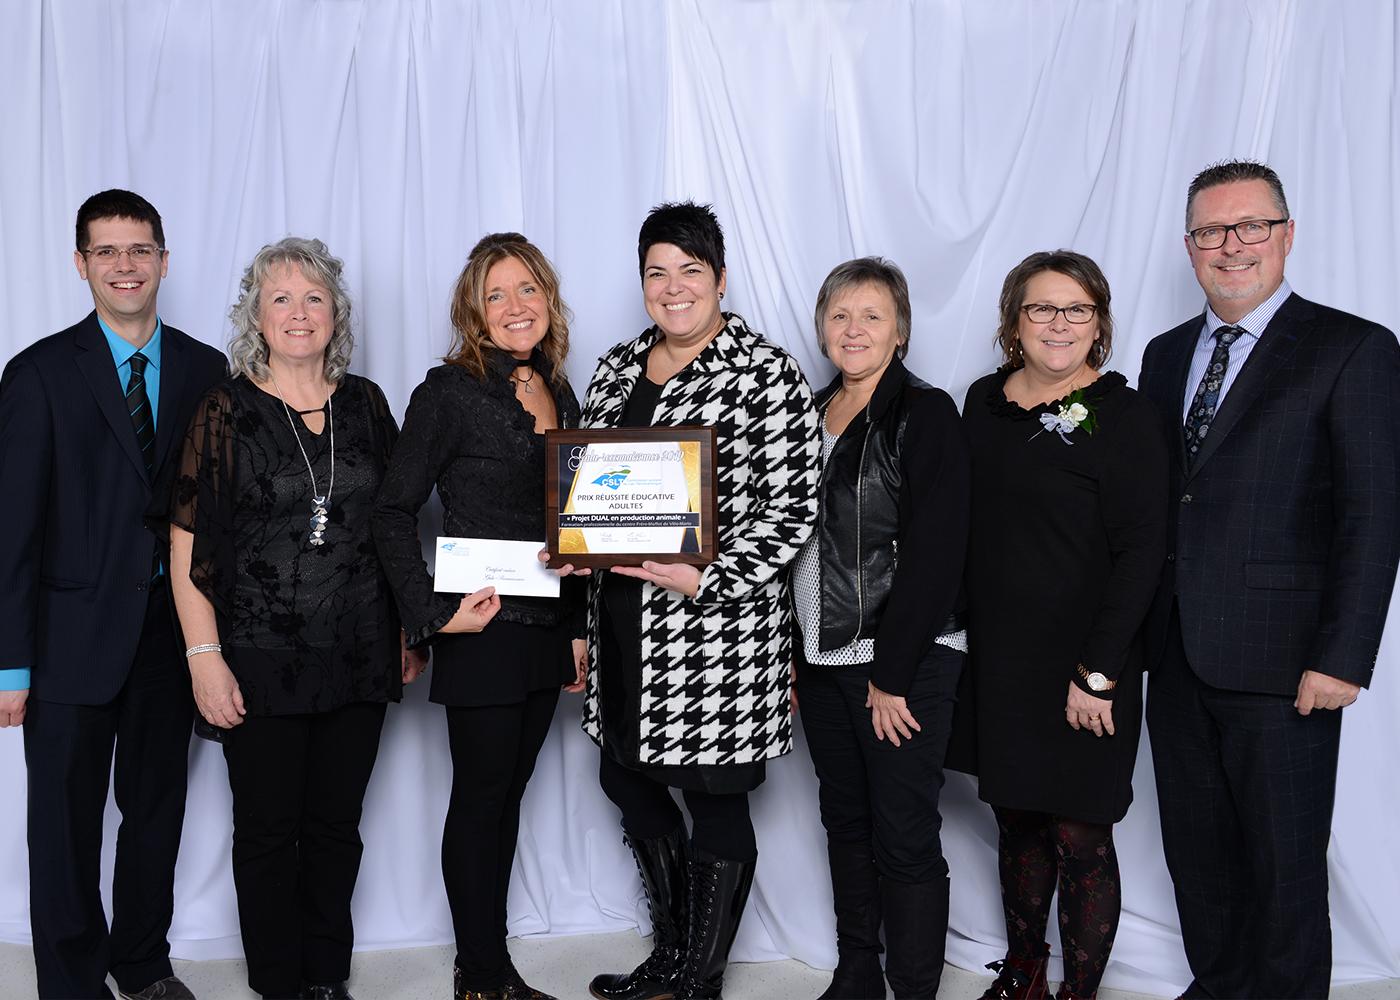 Photo de groupe - Prix réussite éducative adulte - Formation professionnelle au centre Frère-Moffet de Ville-Marie